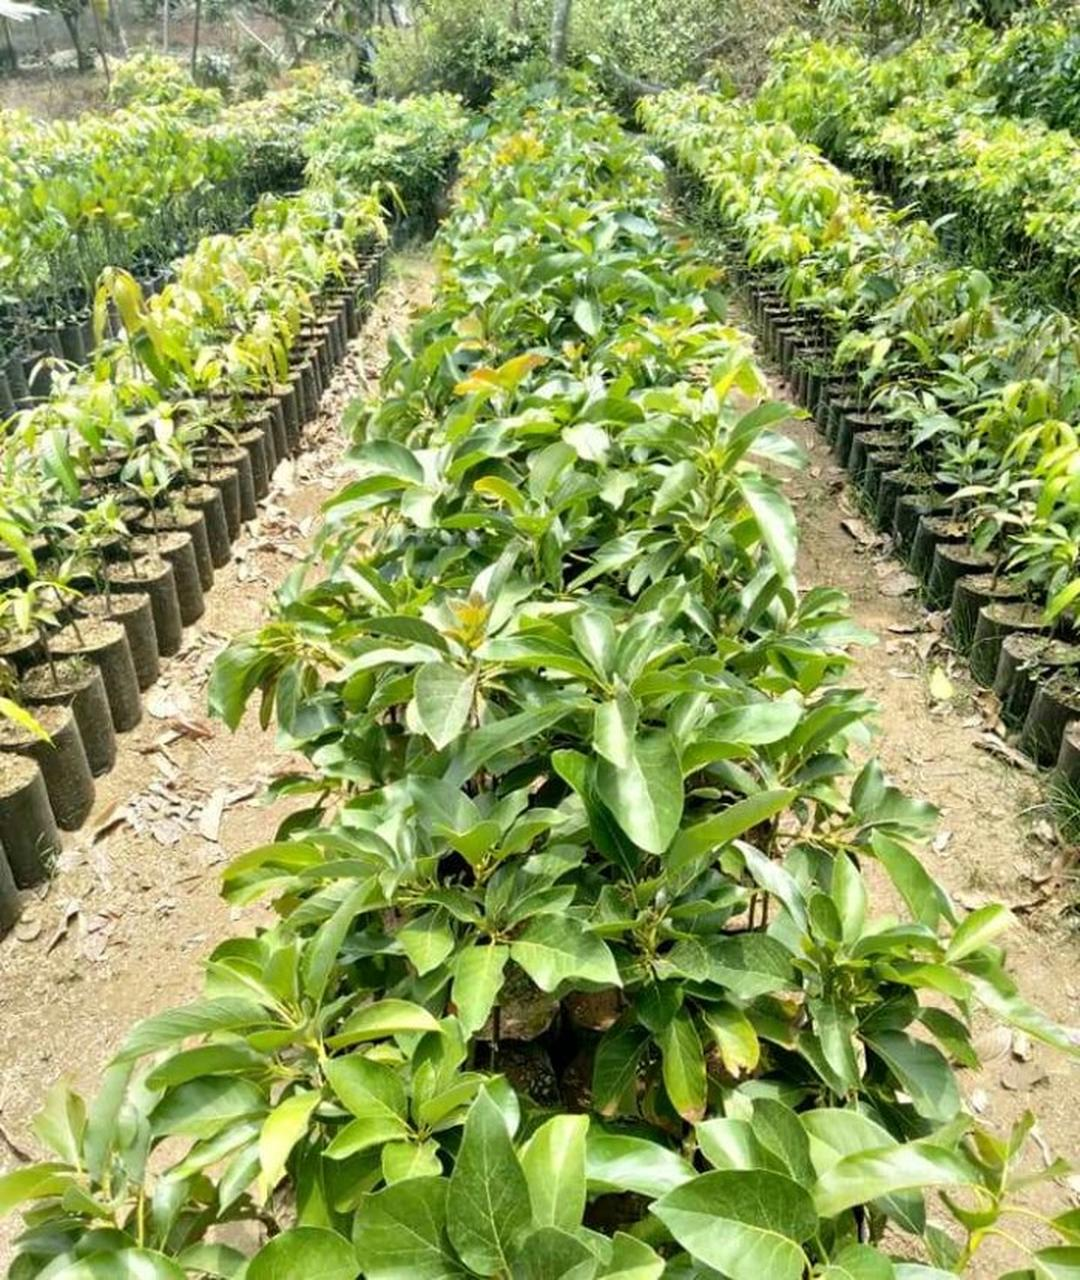 Bisa Beli Ecer! Bibit Tanaman Buah alpukat kendil Siap Berbuah Kota Bogor #jual bibit buah genjah